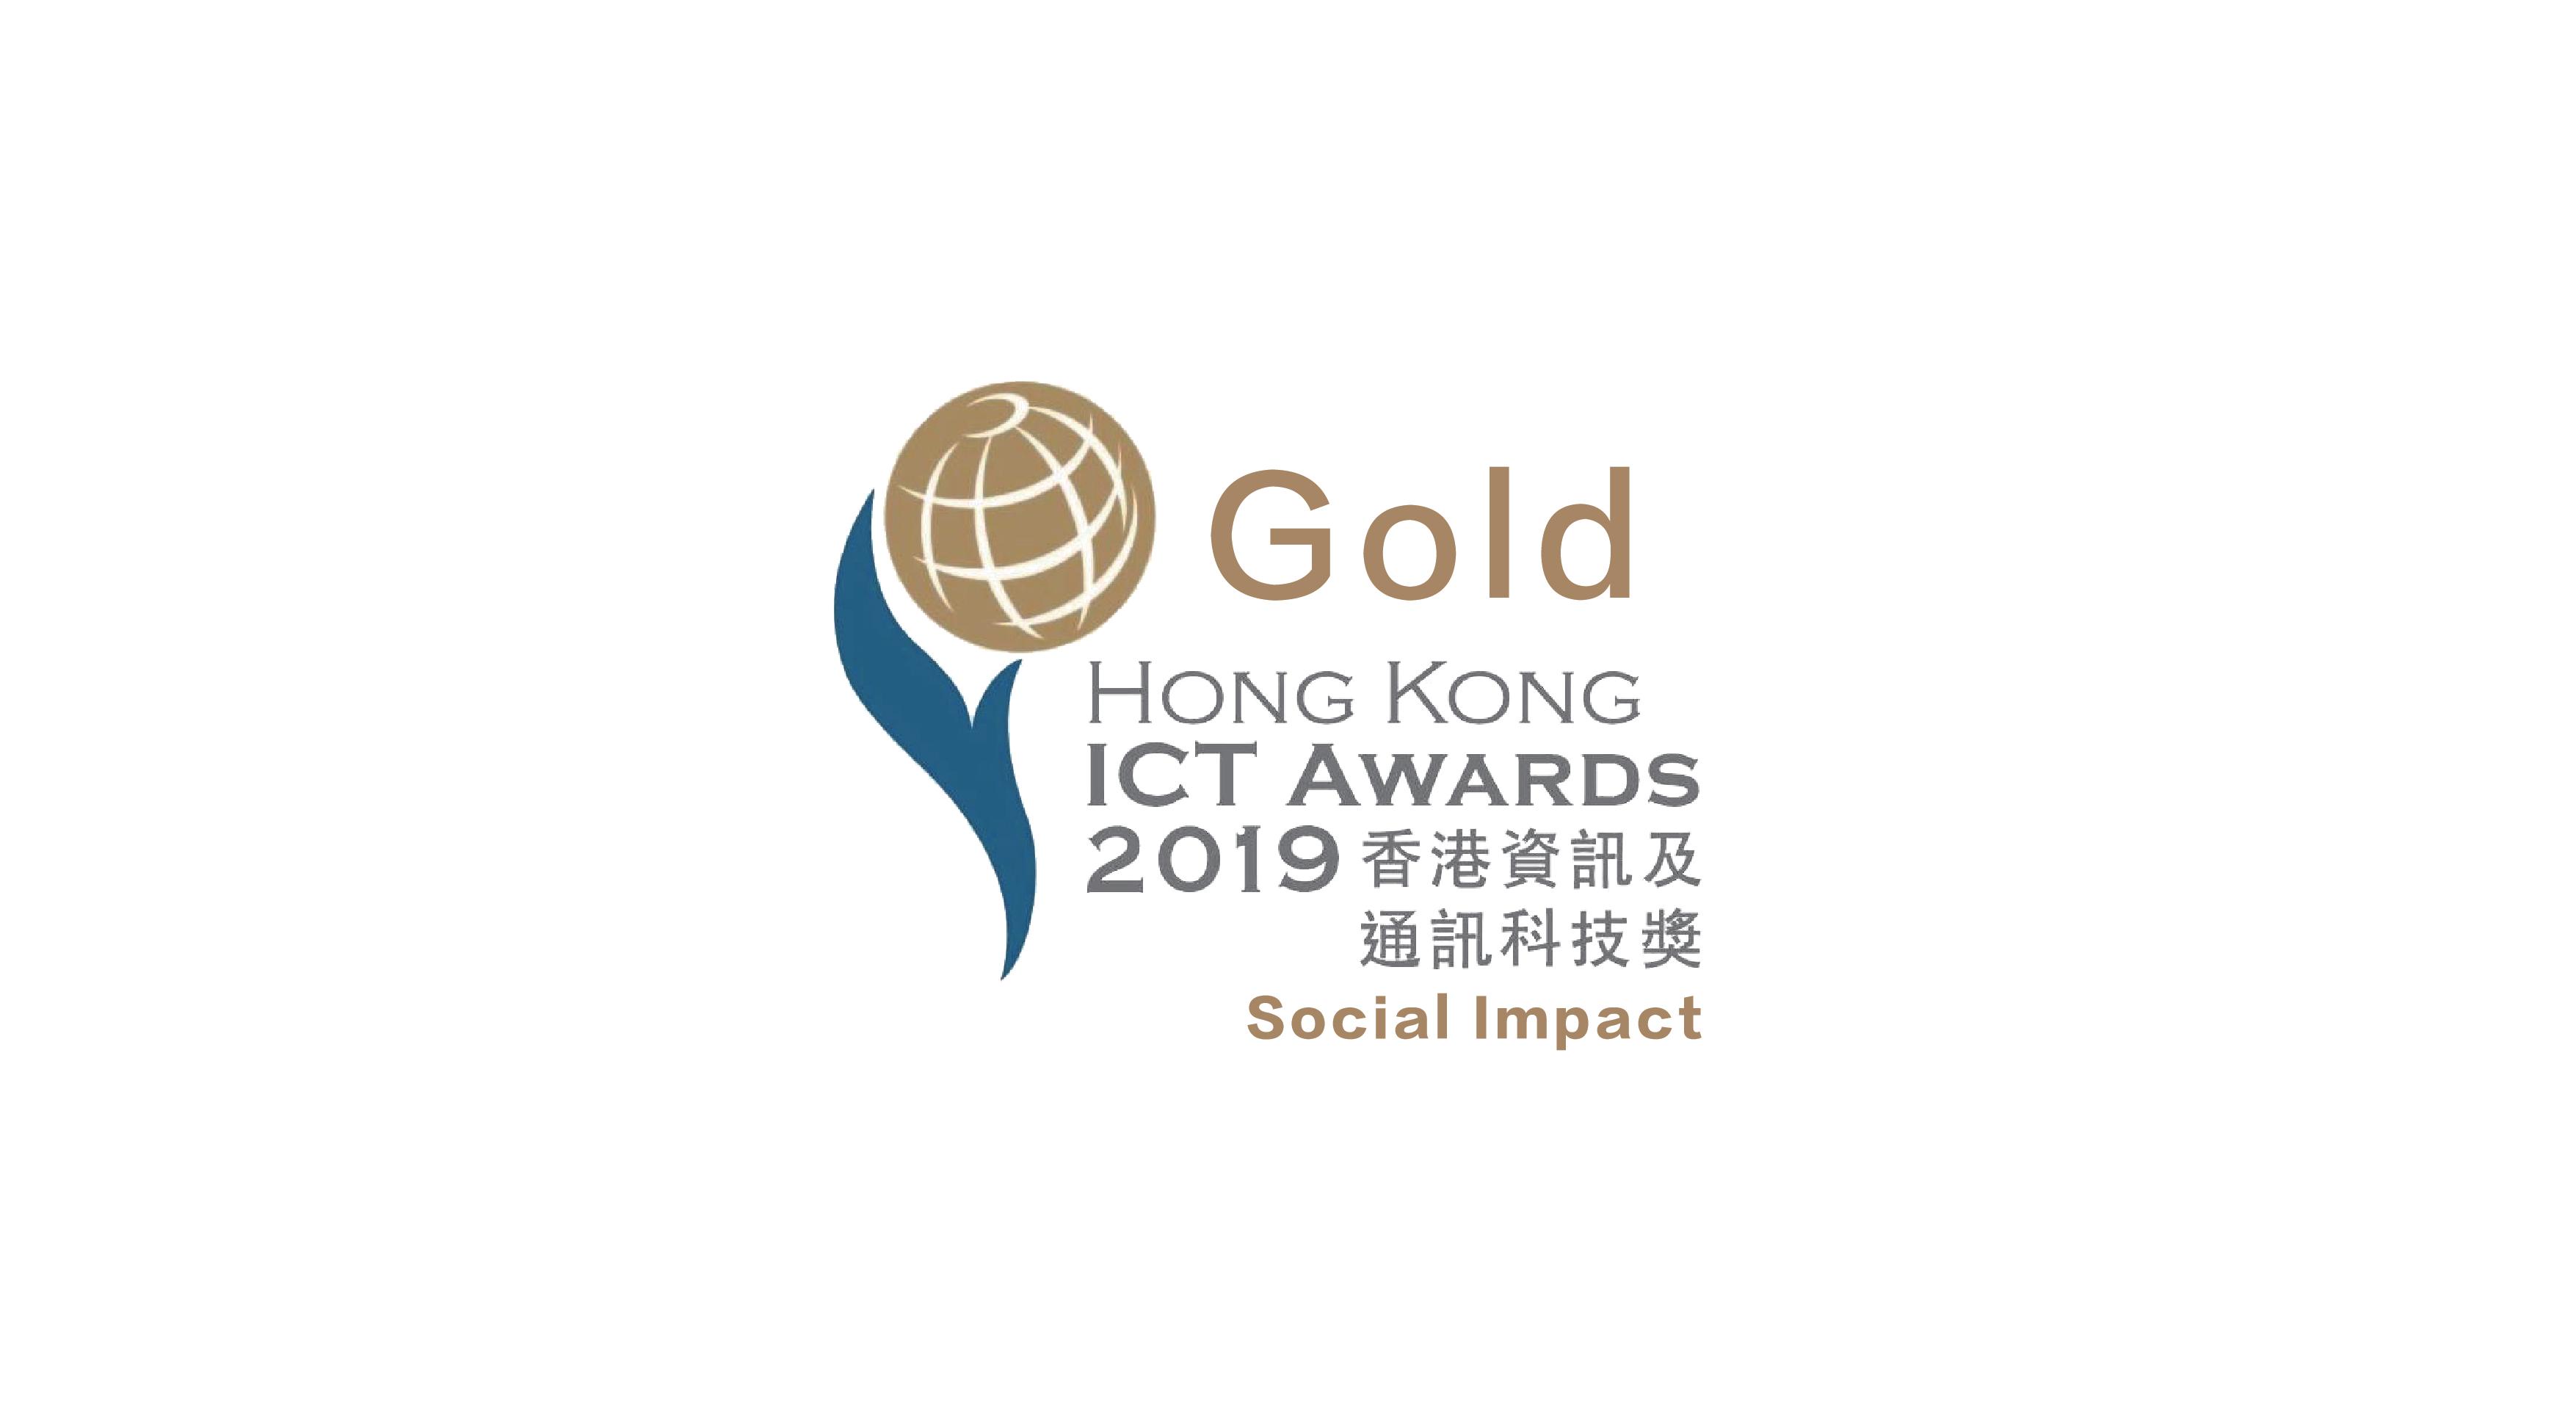 Hong Kong ICT Startup Awards 2019 Gold Award (Social Impact)